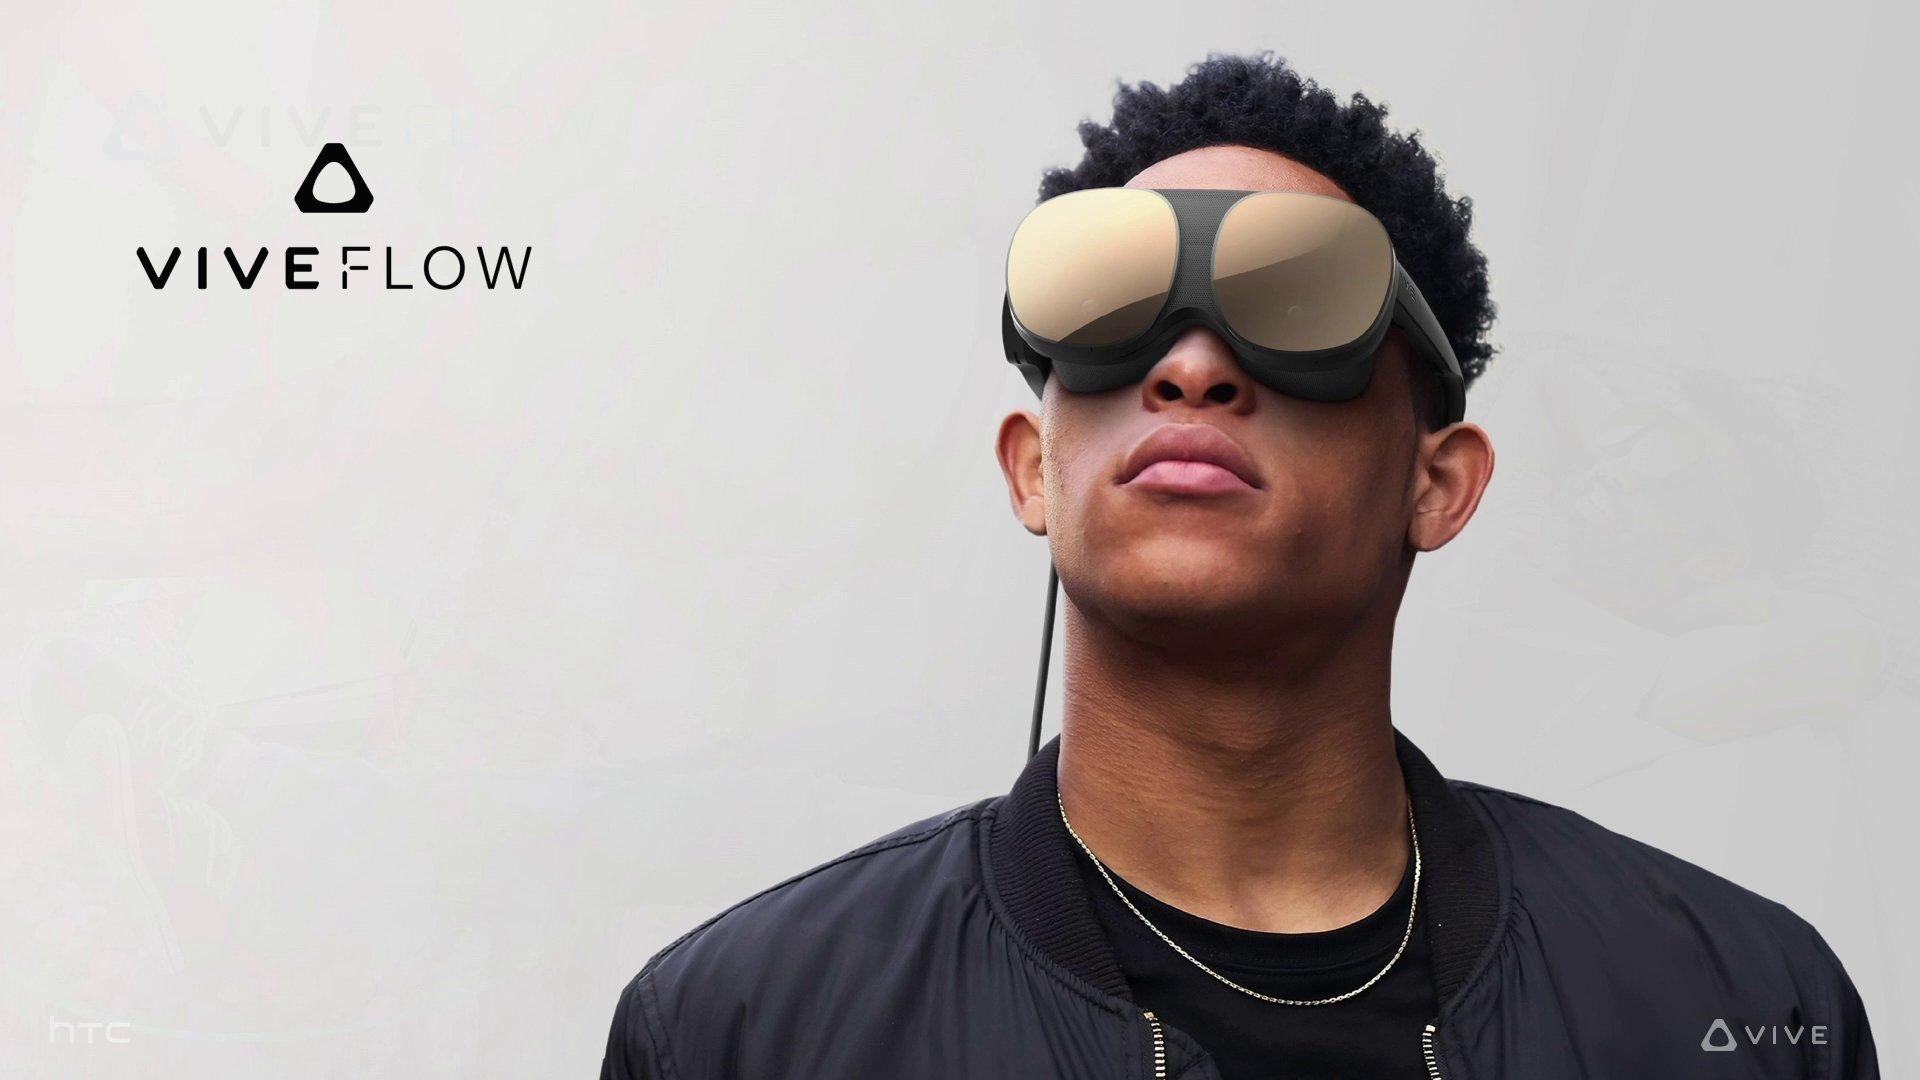 انتشار تصاویر هدست واقعیت مجازی اچتیسی Vive Flow پیش از رونمایی رسمی